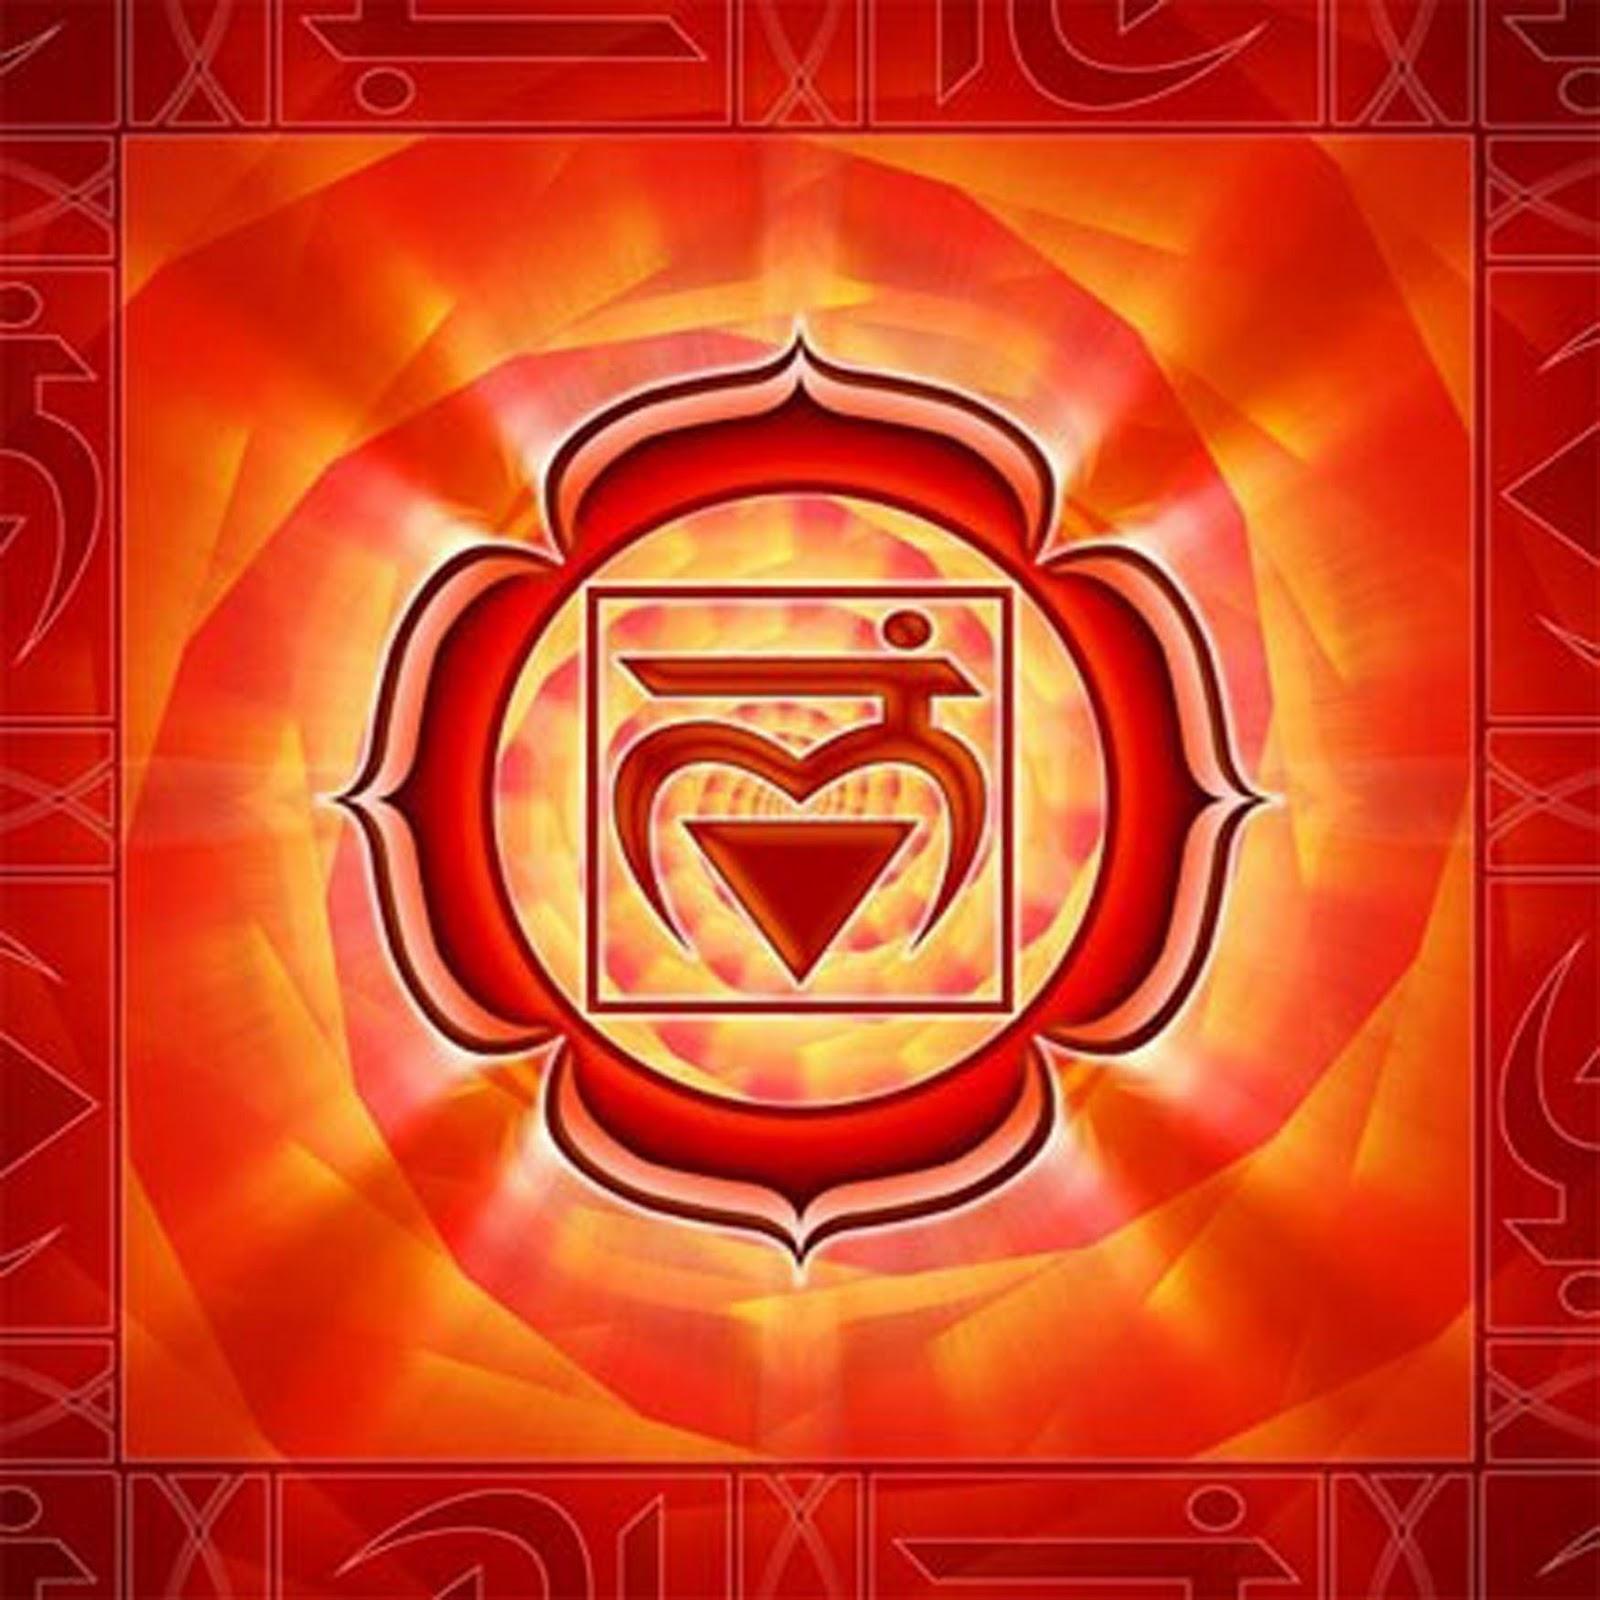 primer-chakra-muladhara.jpg